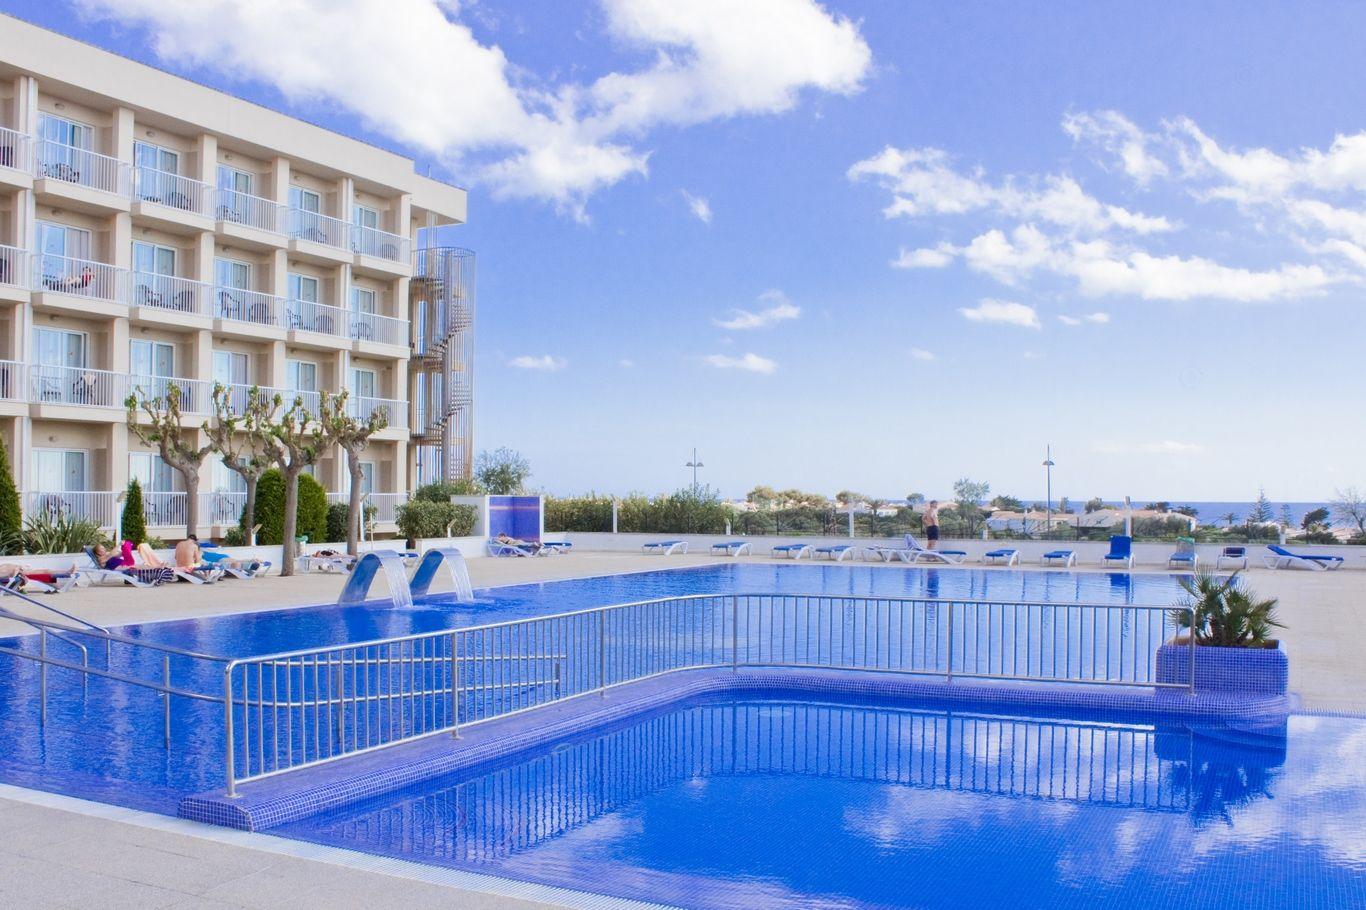 Séjour Espagne - HOTEL & WATER PARK SUR MENORCA 4* (NL). MINORQUE